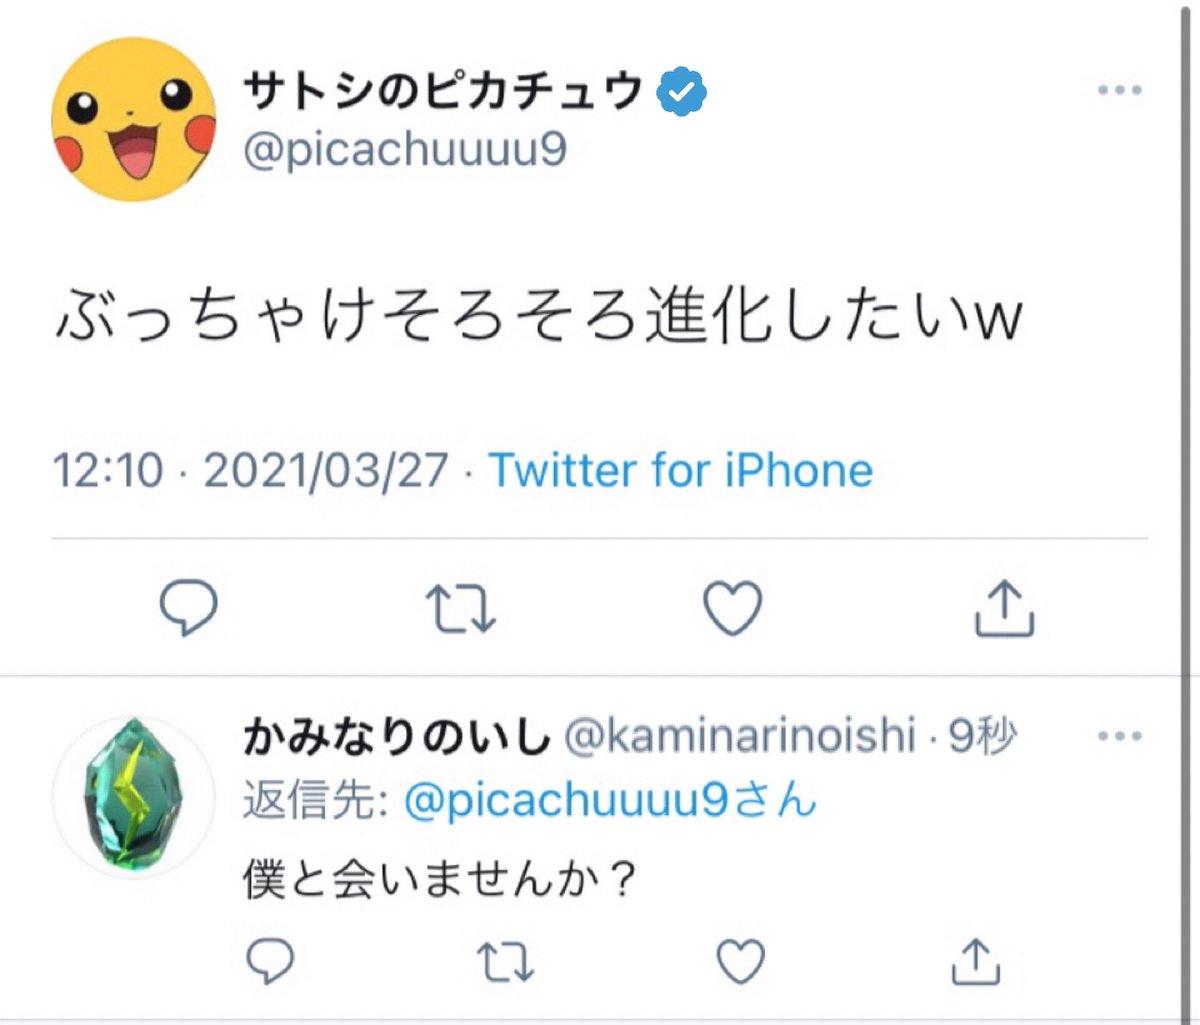 ポケモンの世界にTwitterがあったら?ひどいリプが飛び交う!